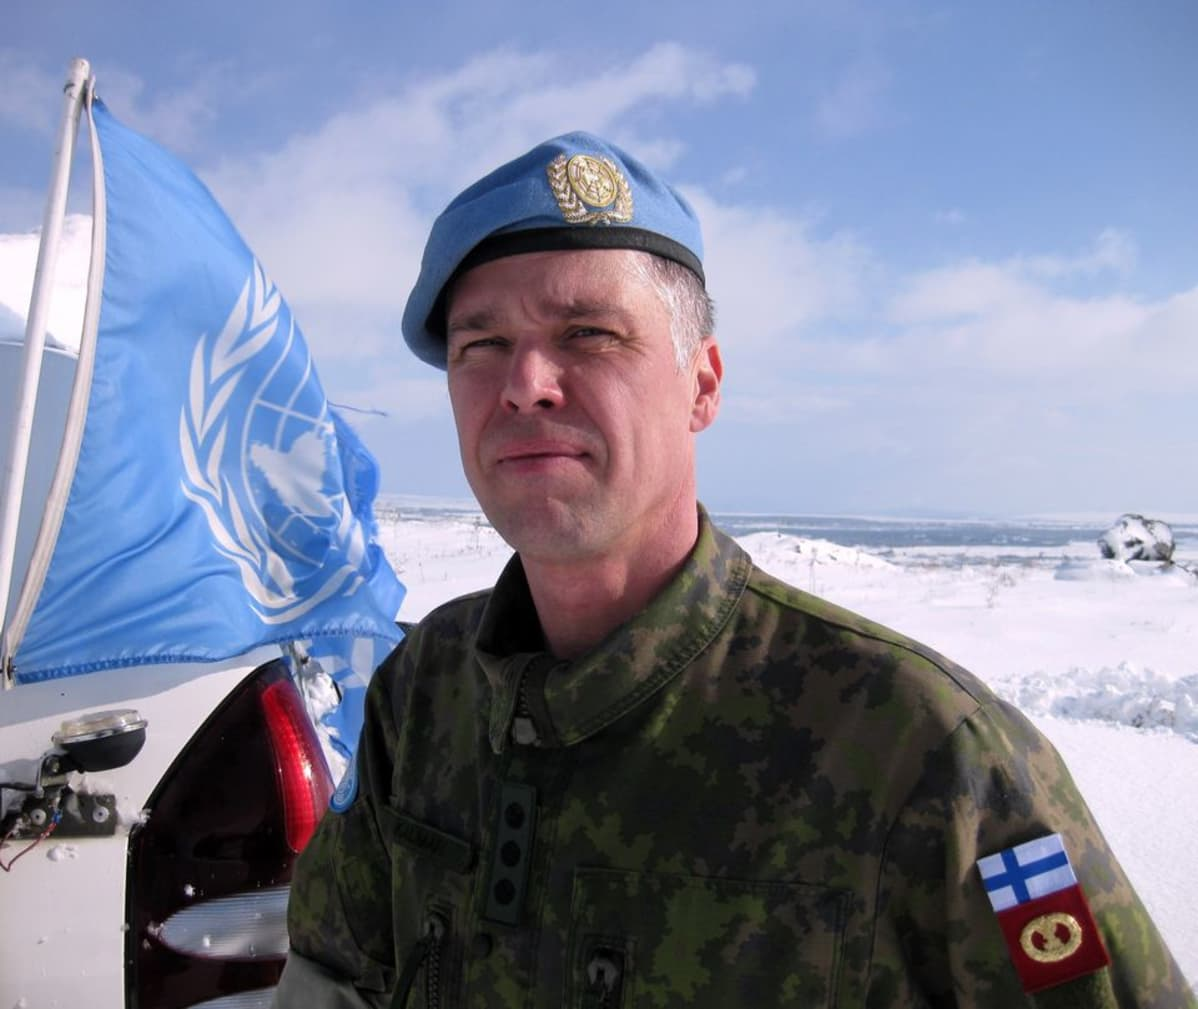 Liminkalainen Mika Kalvari valittiin vuoden 2015 rauhanturvaajaksi. Barettipäinen Kalmari seisoo YK:n lipun vieressä.